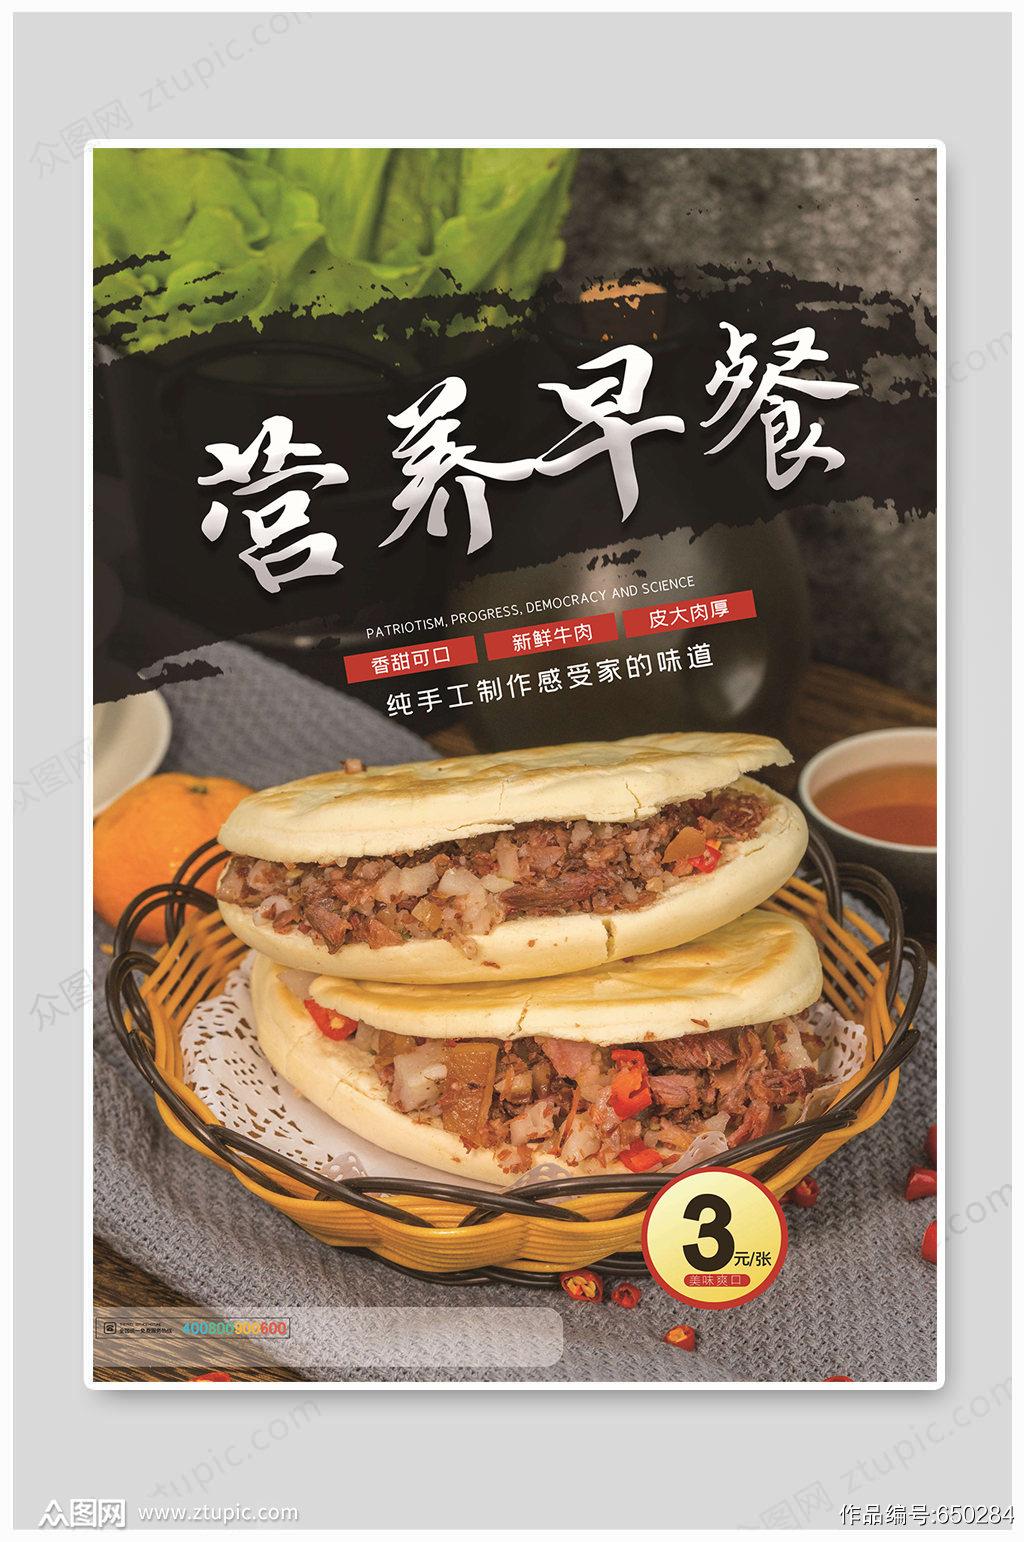 营养早餐肉夹馍海报素材